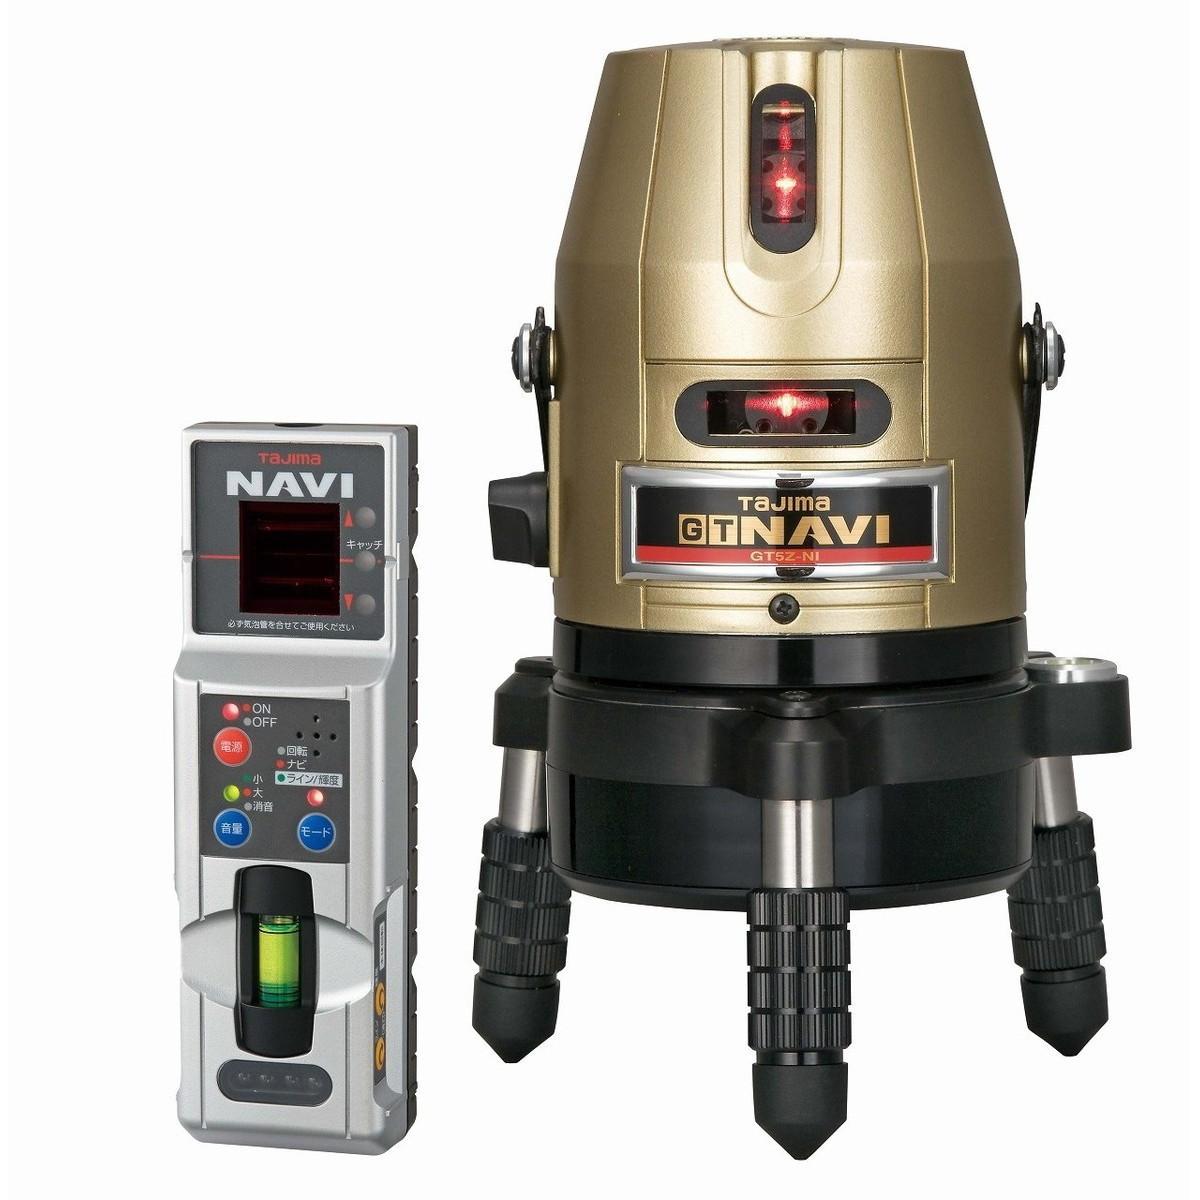 タジマ(Tajima) レーザー墨出し器 GT5Z-Ni 矩十字・横 GT5Z-NI【クーポン配布中】